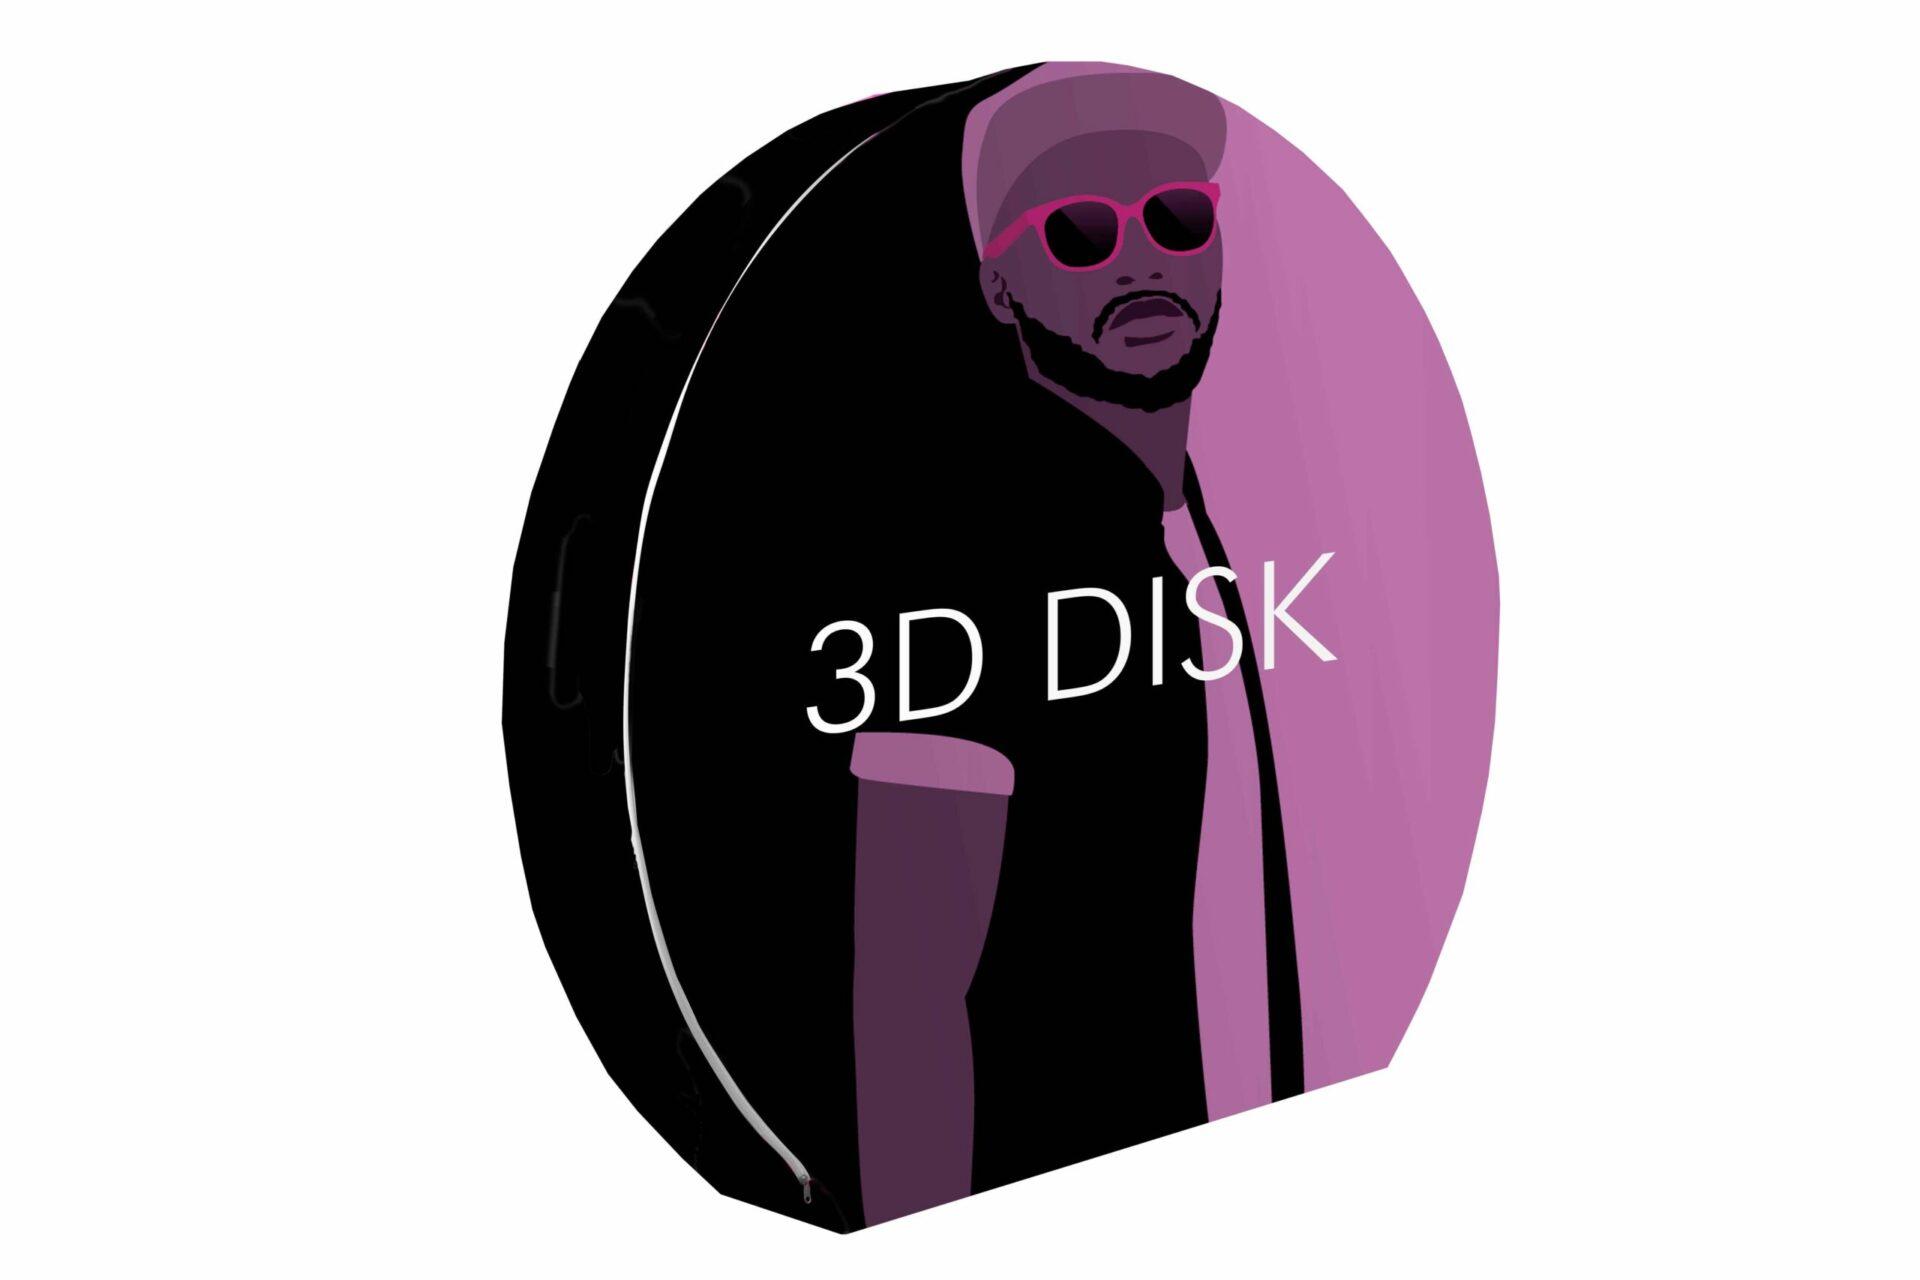 VD-TUB-Disque 3D